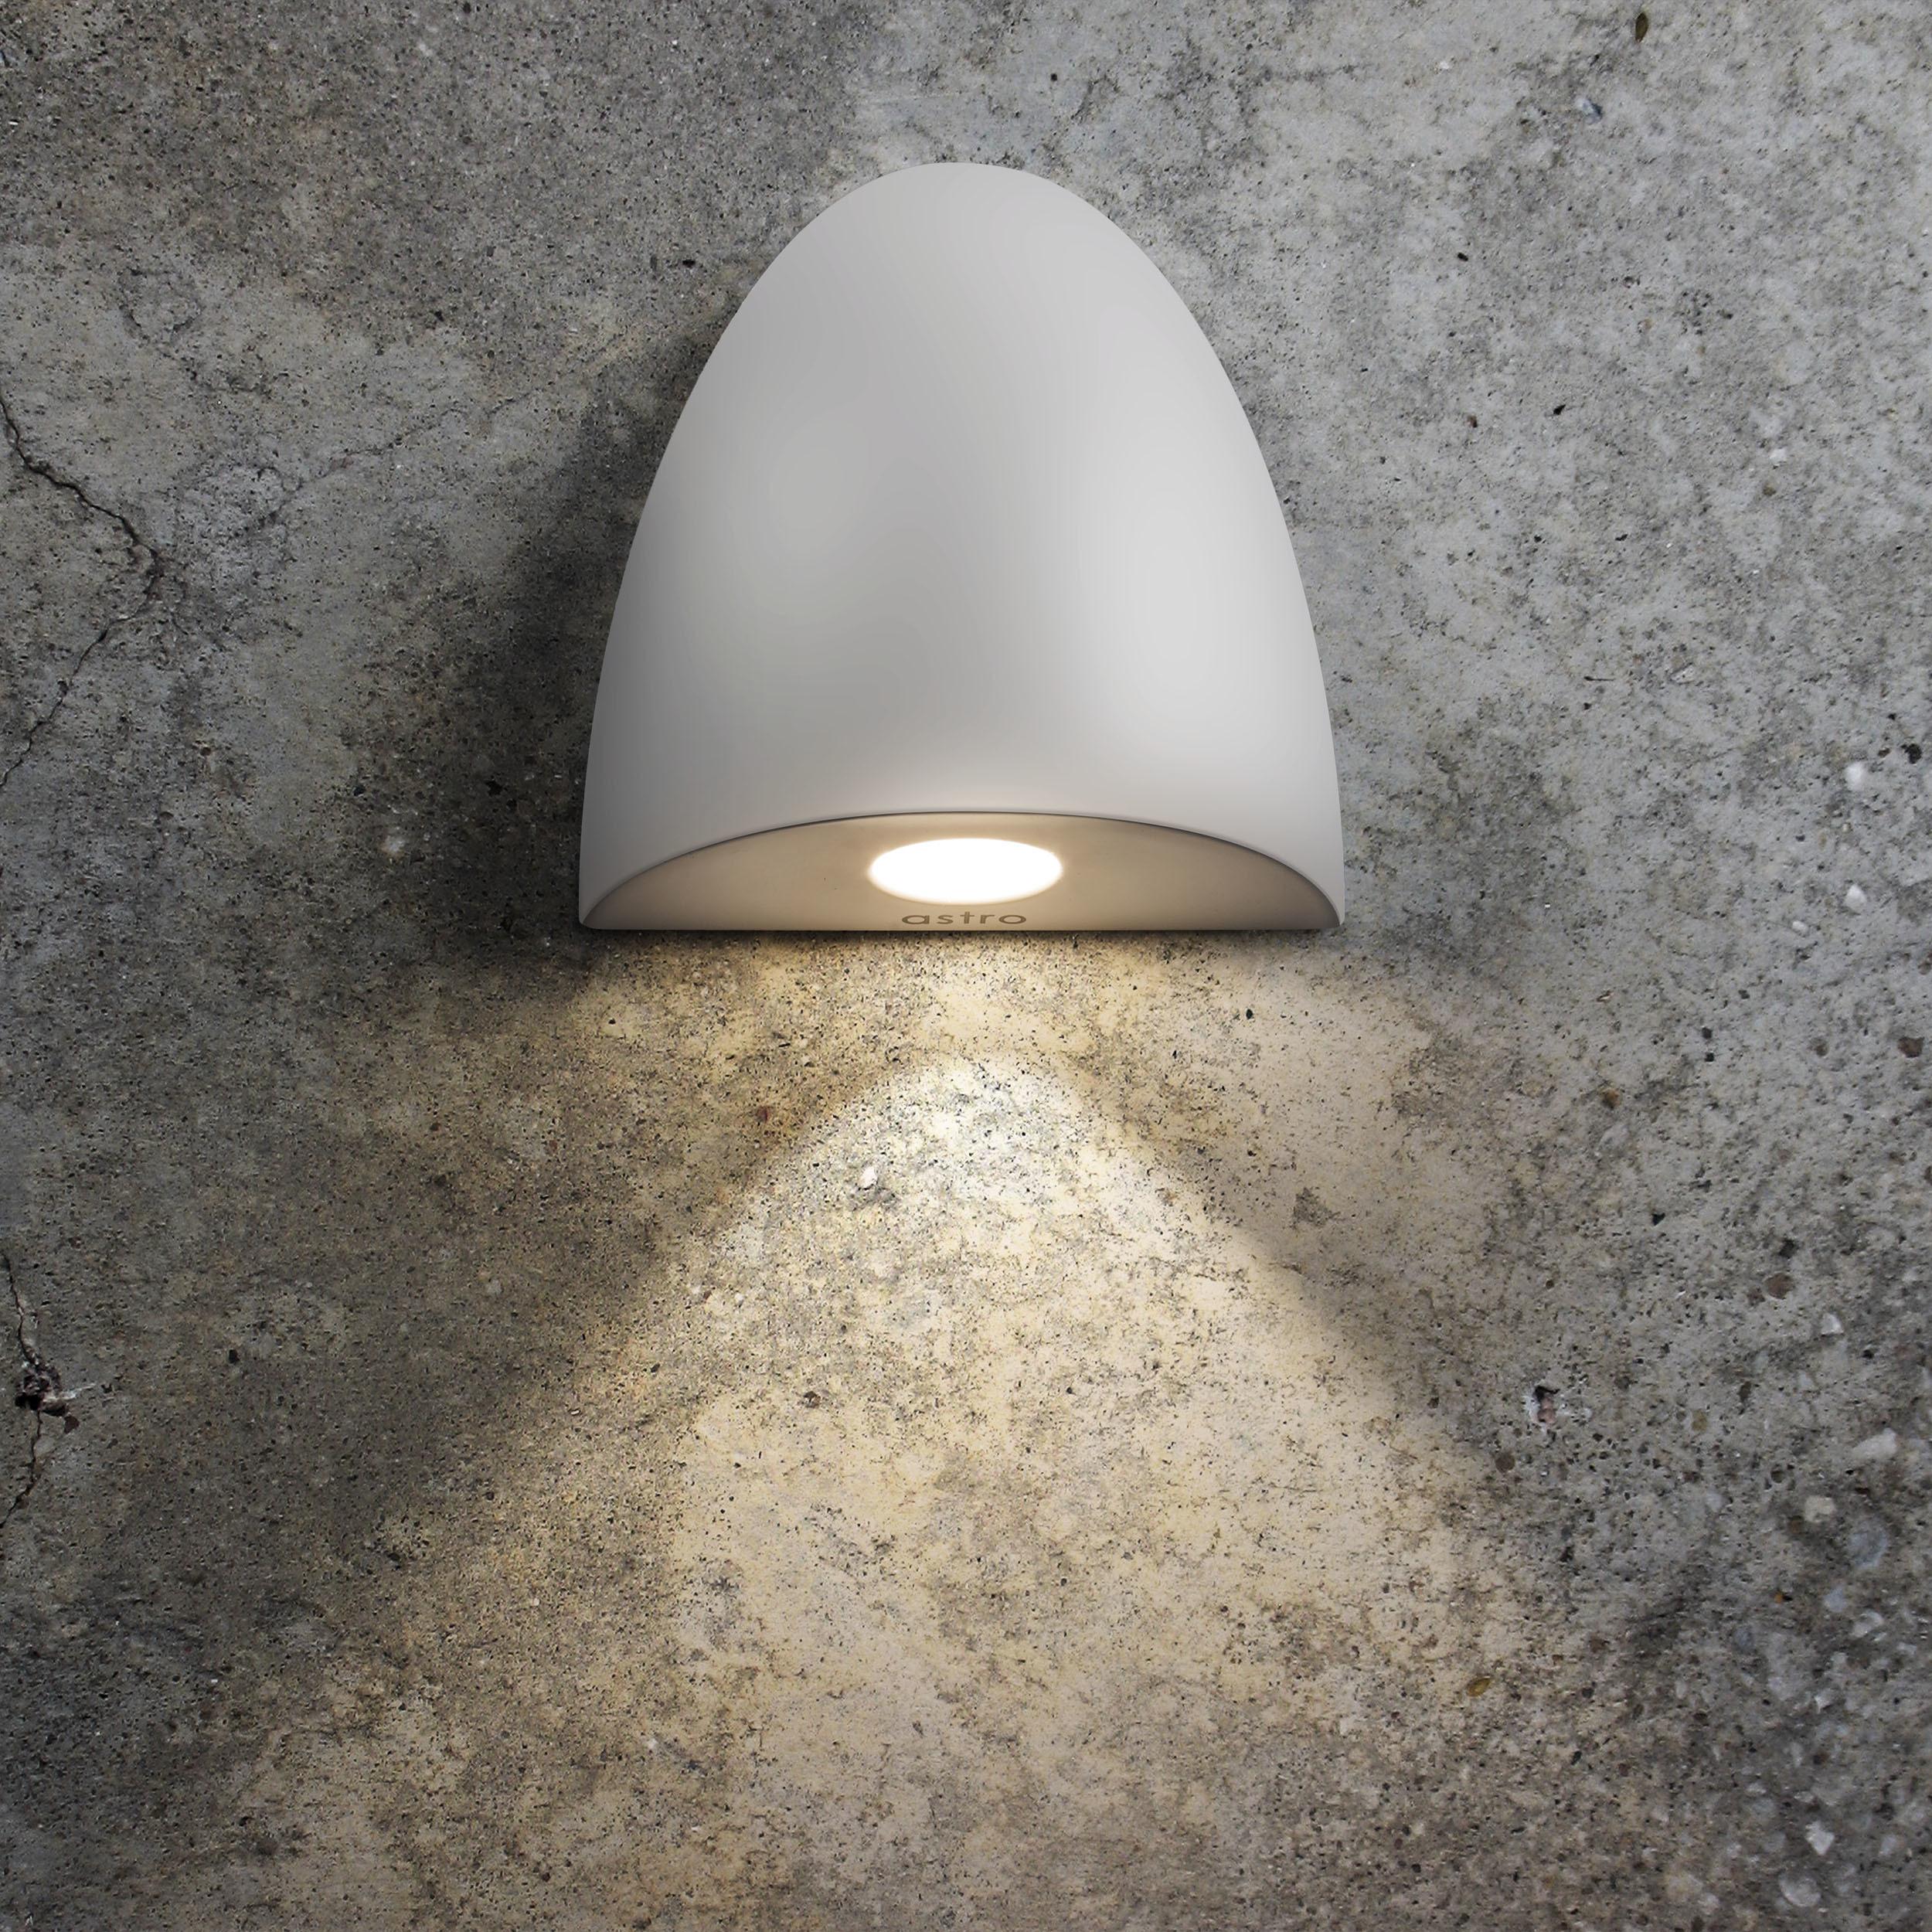 Встраиваемый настенный светодиодный светильник Astro Orpheus LED 1348002 (7370), IP65, LED 2W 2700K 65.6lm CRI80, белый, металл, стекло - фото 2